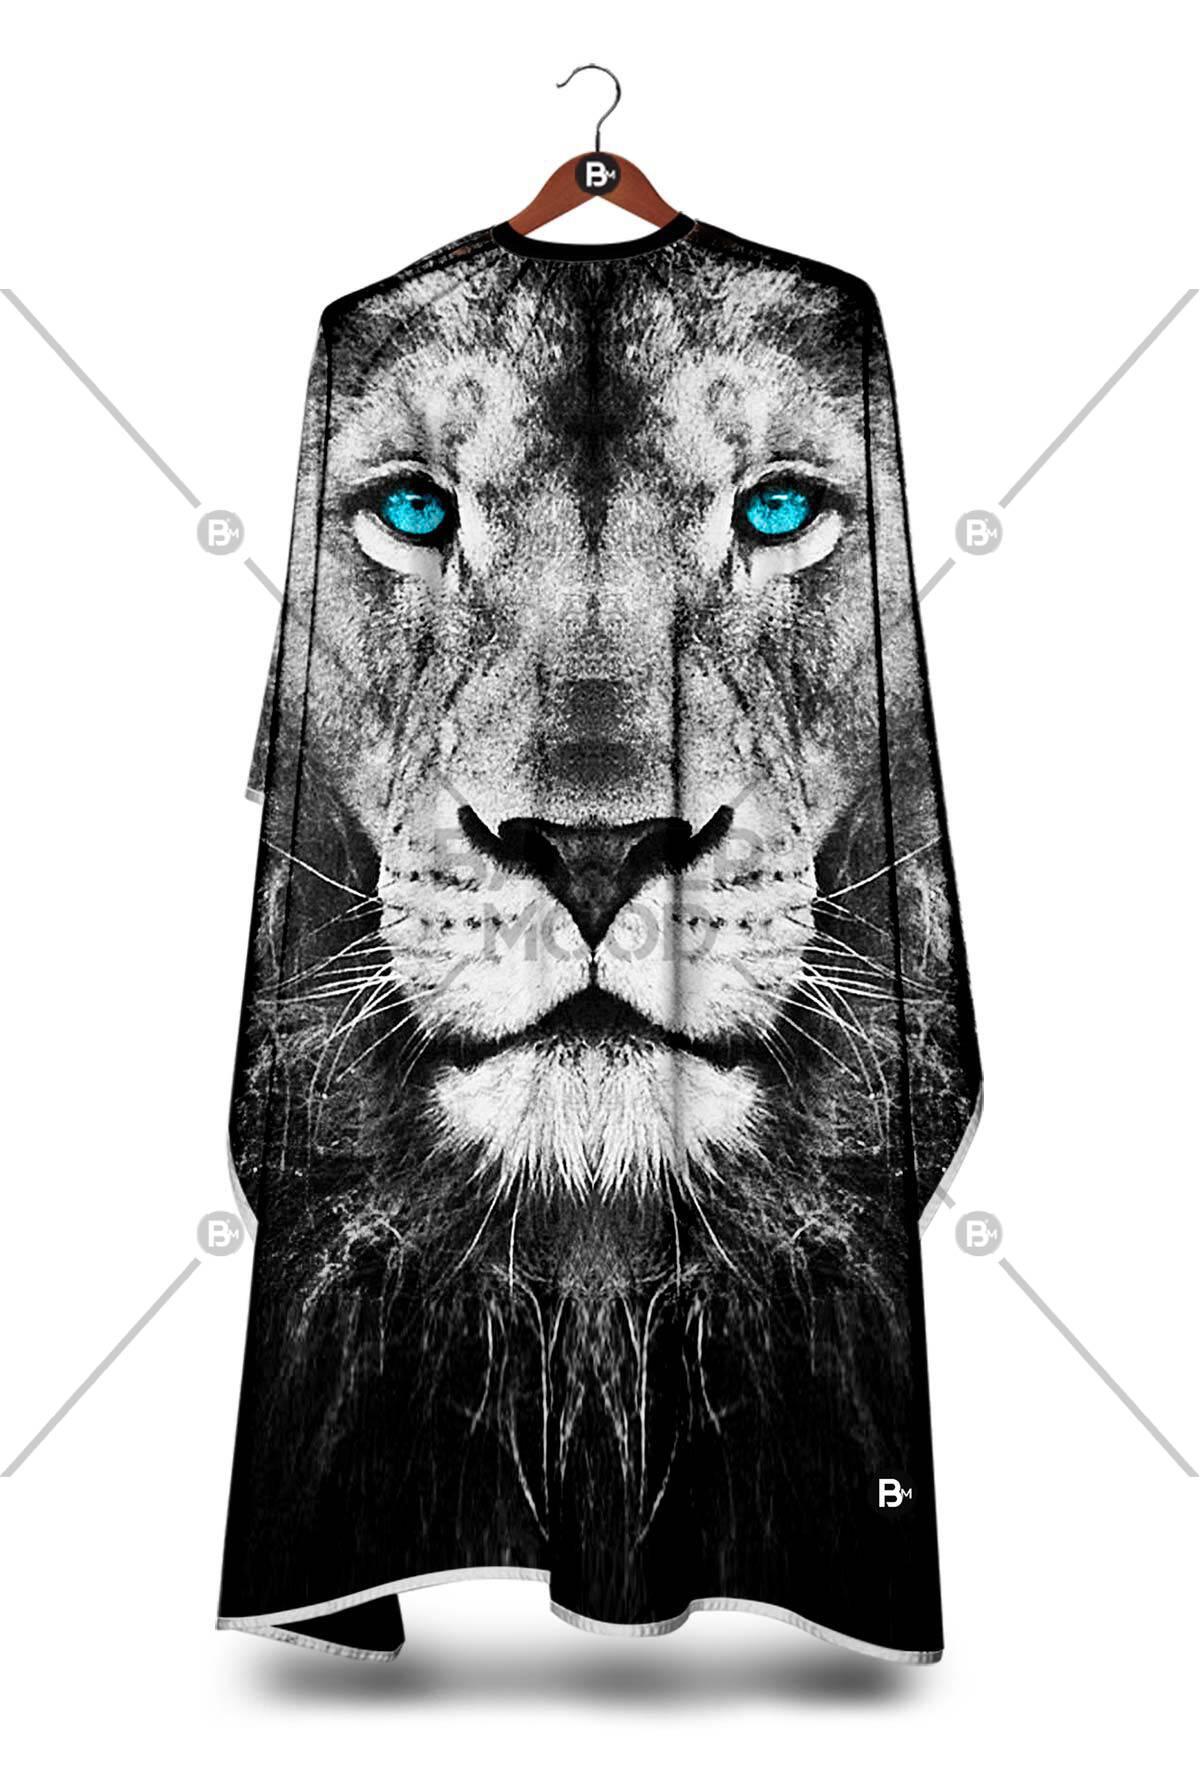 Lion Penuar ürünü tüm müşterileriniz tarafından ilgi ile incelenebilecek, yumuşak dokusu ile antistatik özelliği sayesinde asla kıl, sakal veya tüy tutmayacaktır.